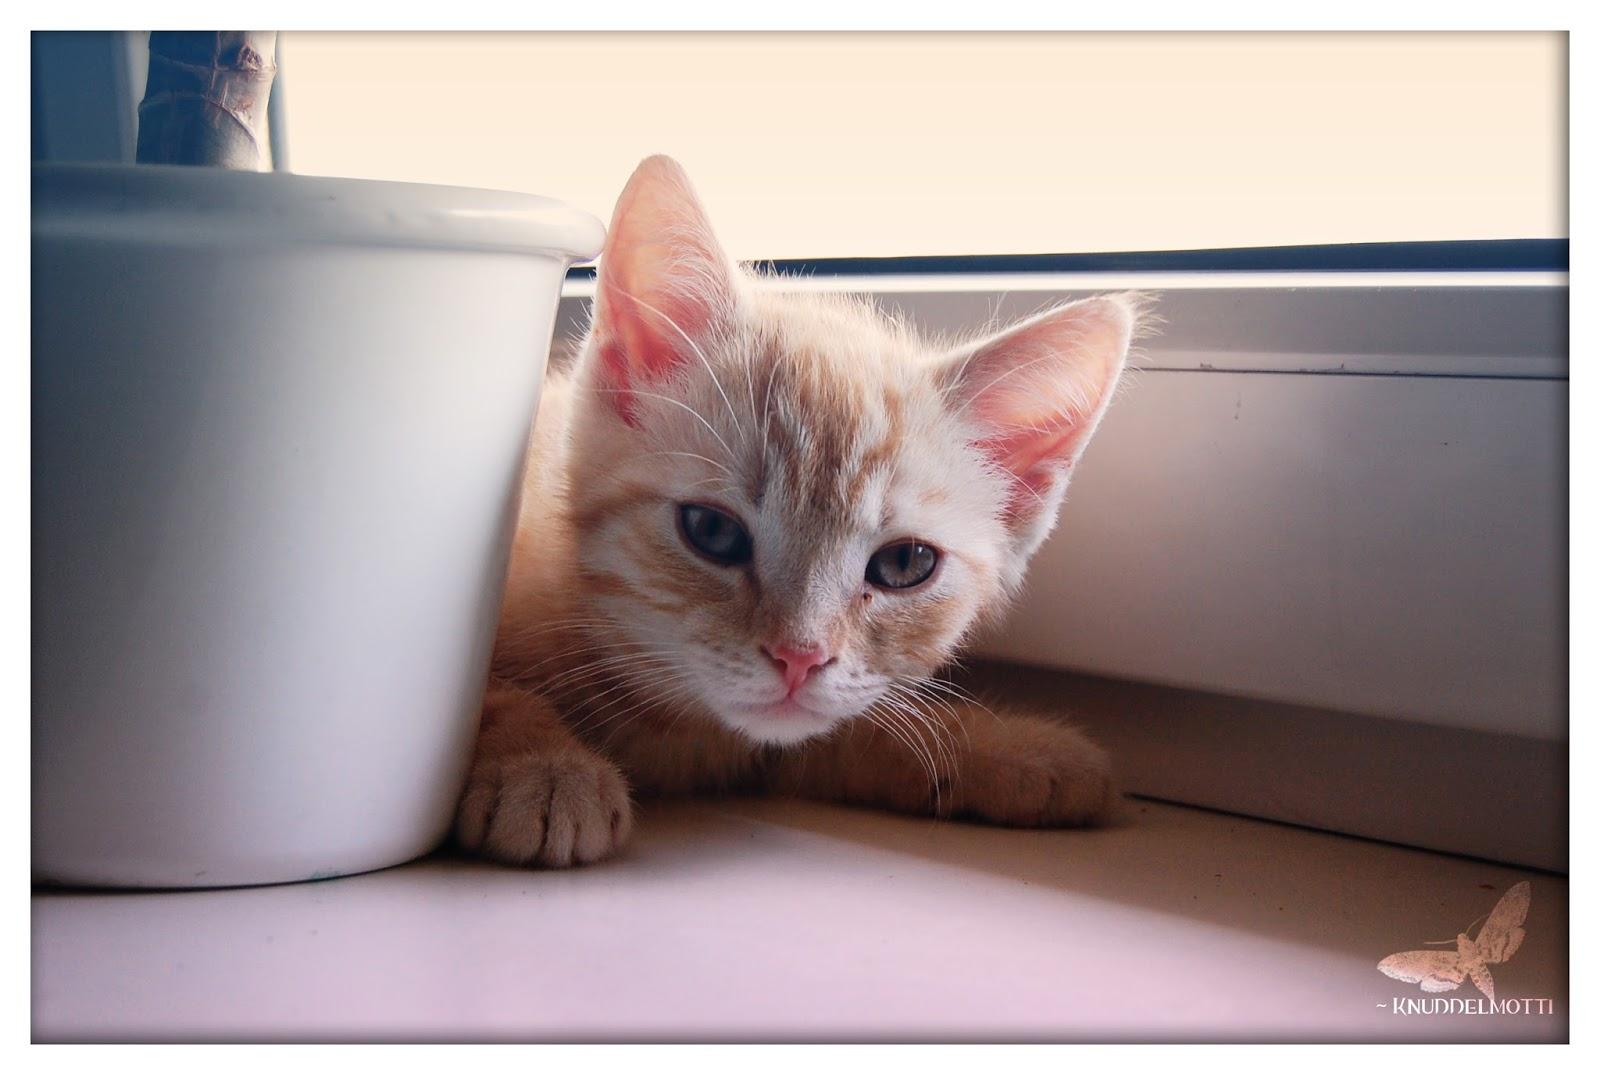 Wallpaper Pubg Kualitas Hd: 100+ Wallpaper Kucing Lucu Dan Comel Kualitas HD